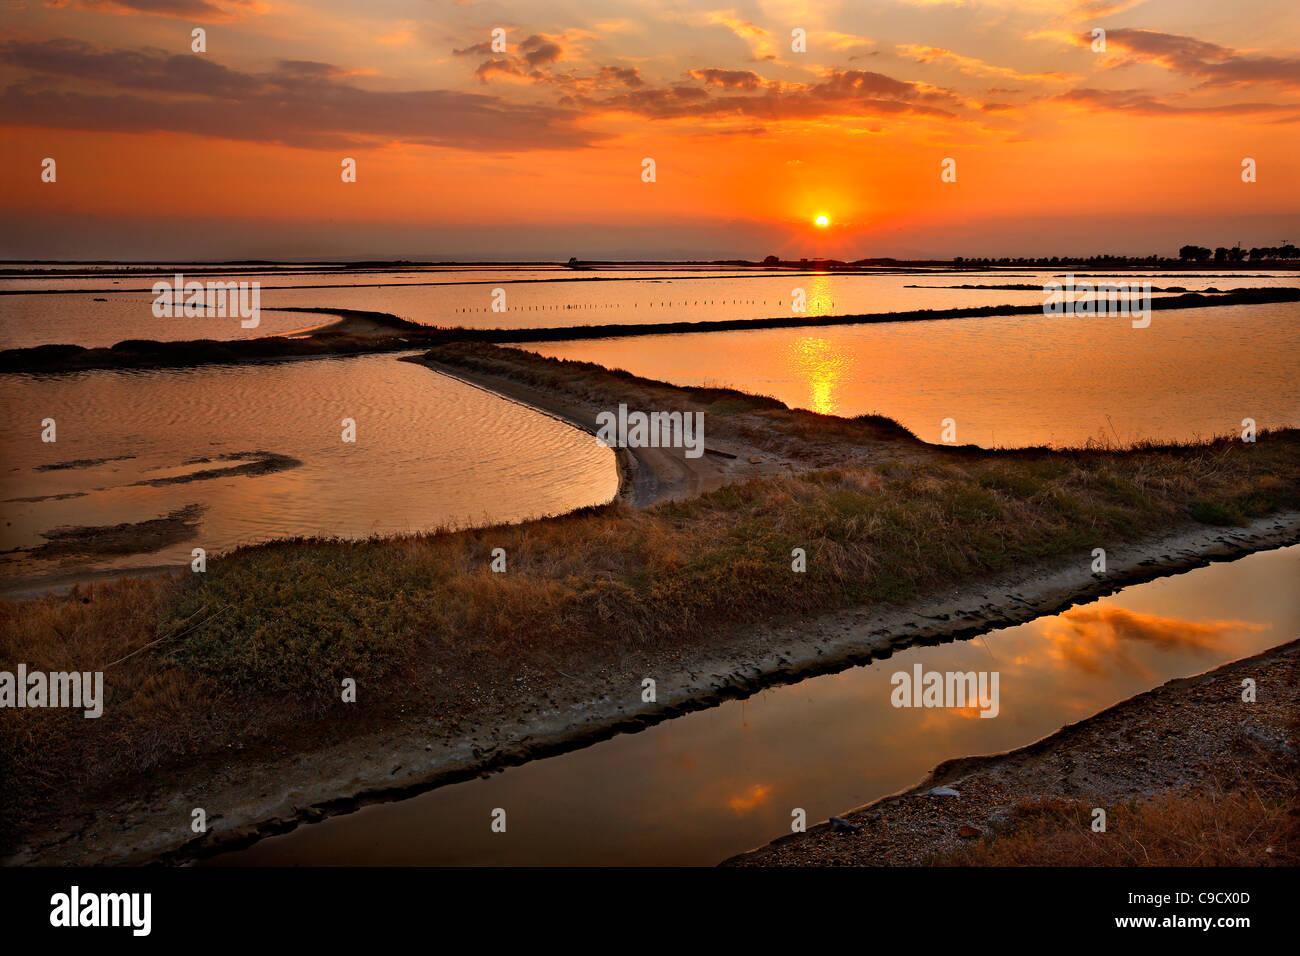 Sonnenuntergang Foto an der Lagune von Angelochori, ein Feuchtgebiet ca. 30 km von Thessaloniki, Makedonien, Griechenland Stockbild